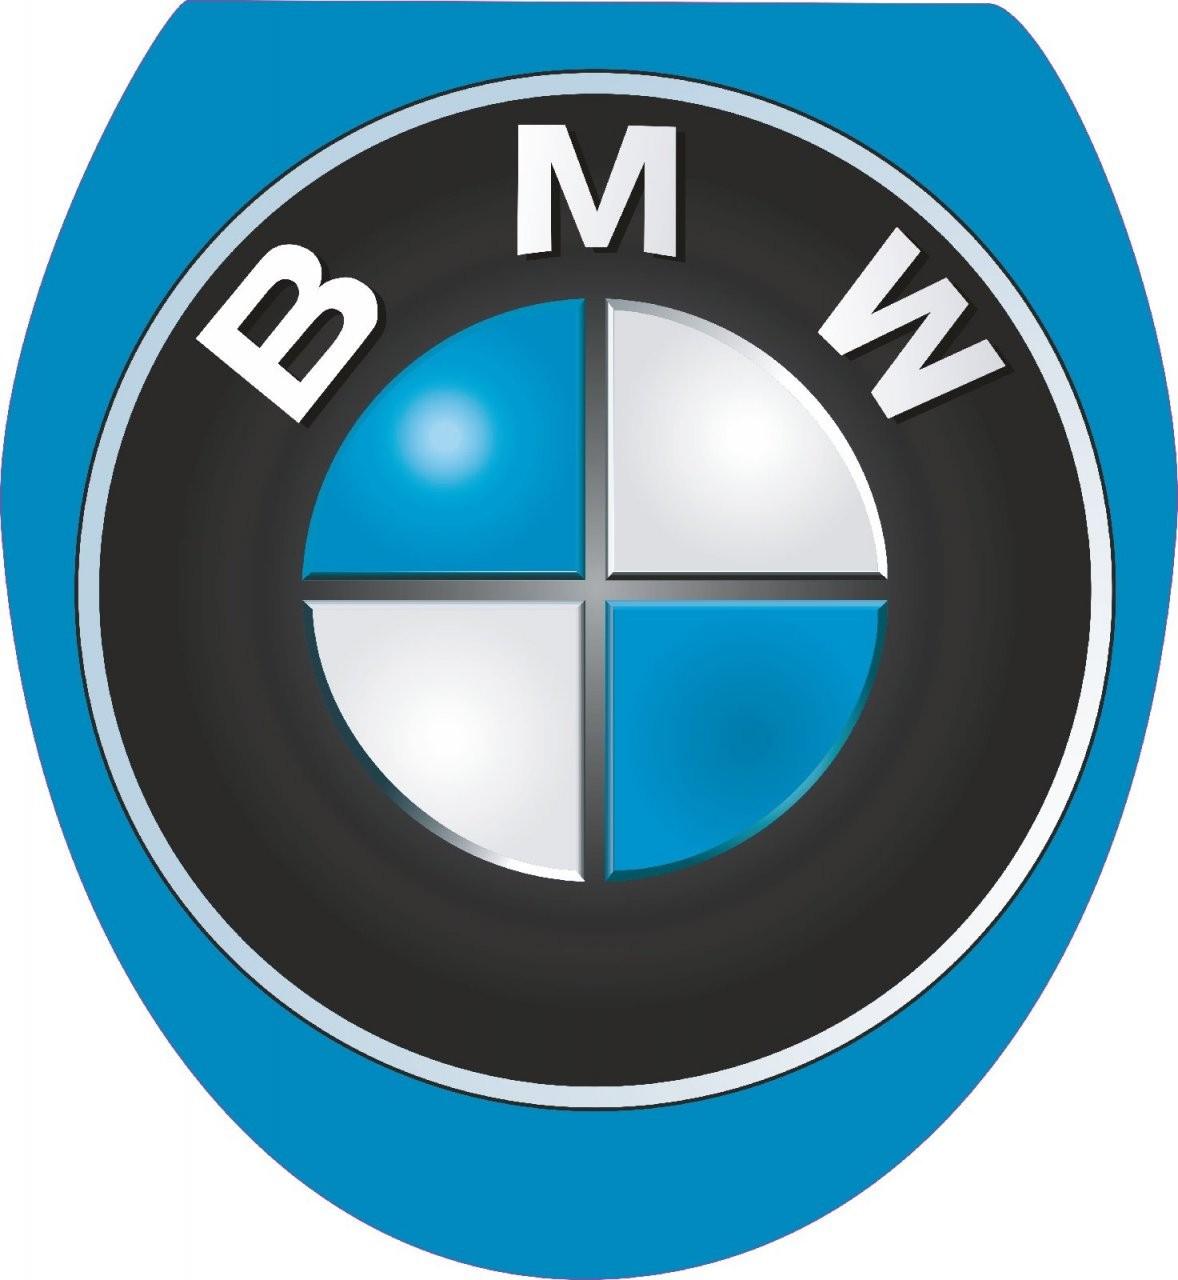 """Wc Sitz Aufkleber """" Bmw """" Folie Dekor Toilettendeckel Auto Sport von Wc Sitz Aufkleber Selber Gestalten Photo"""